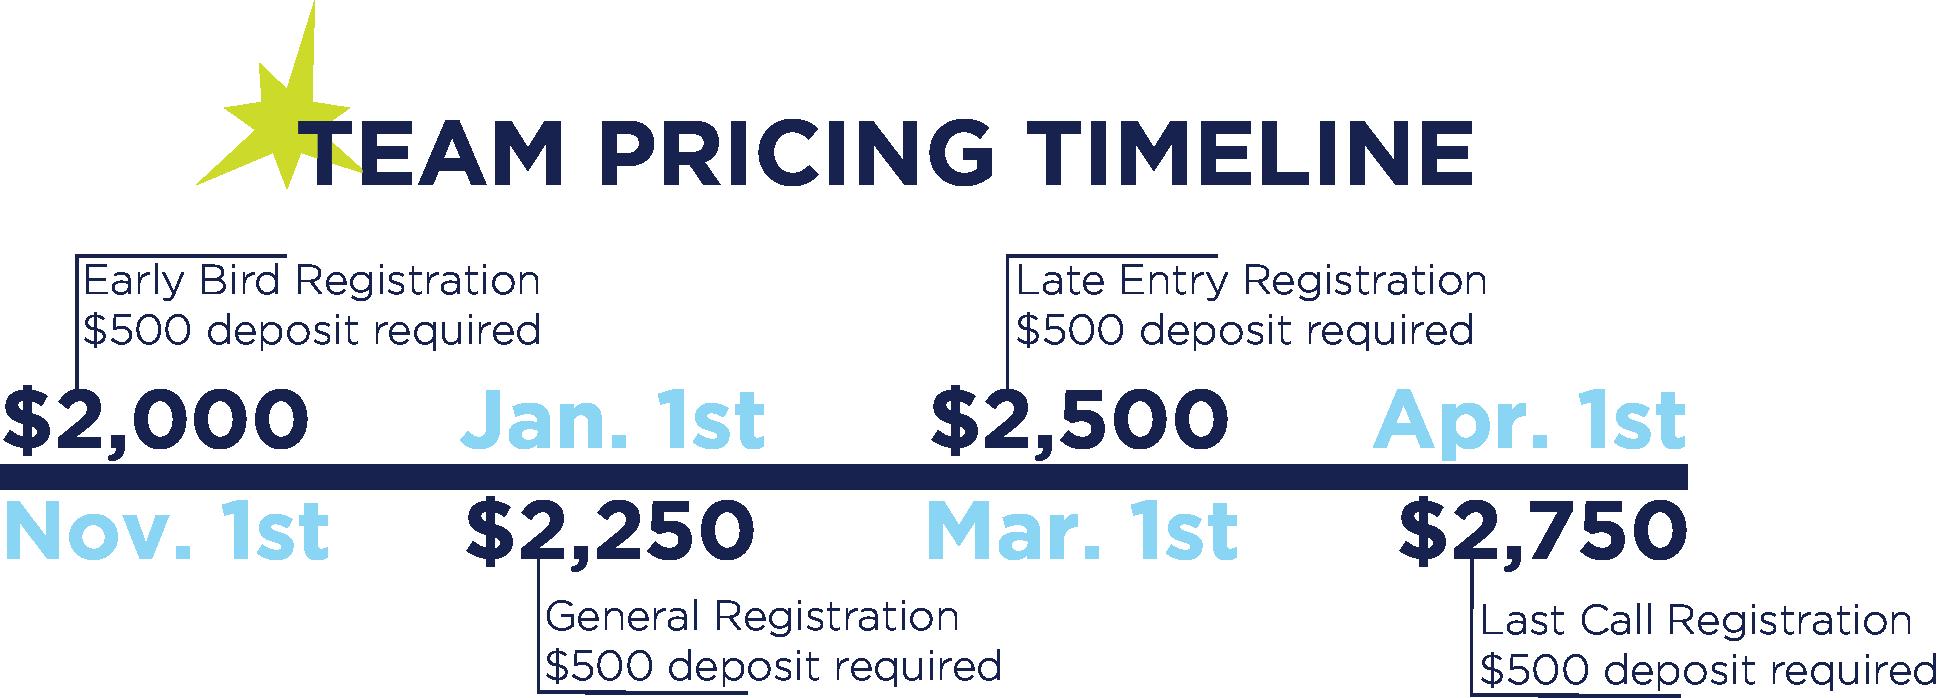 Team Pricing Timeline .png